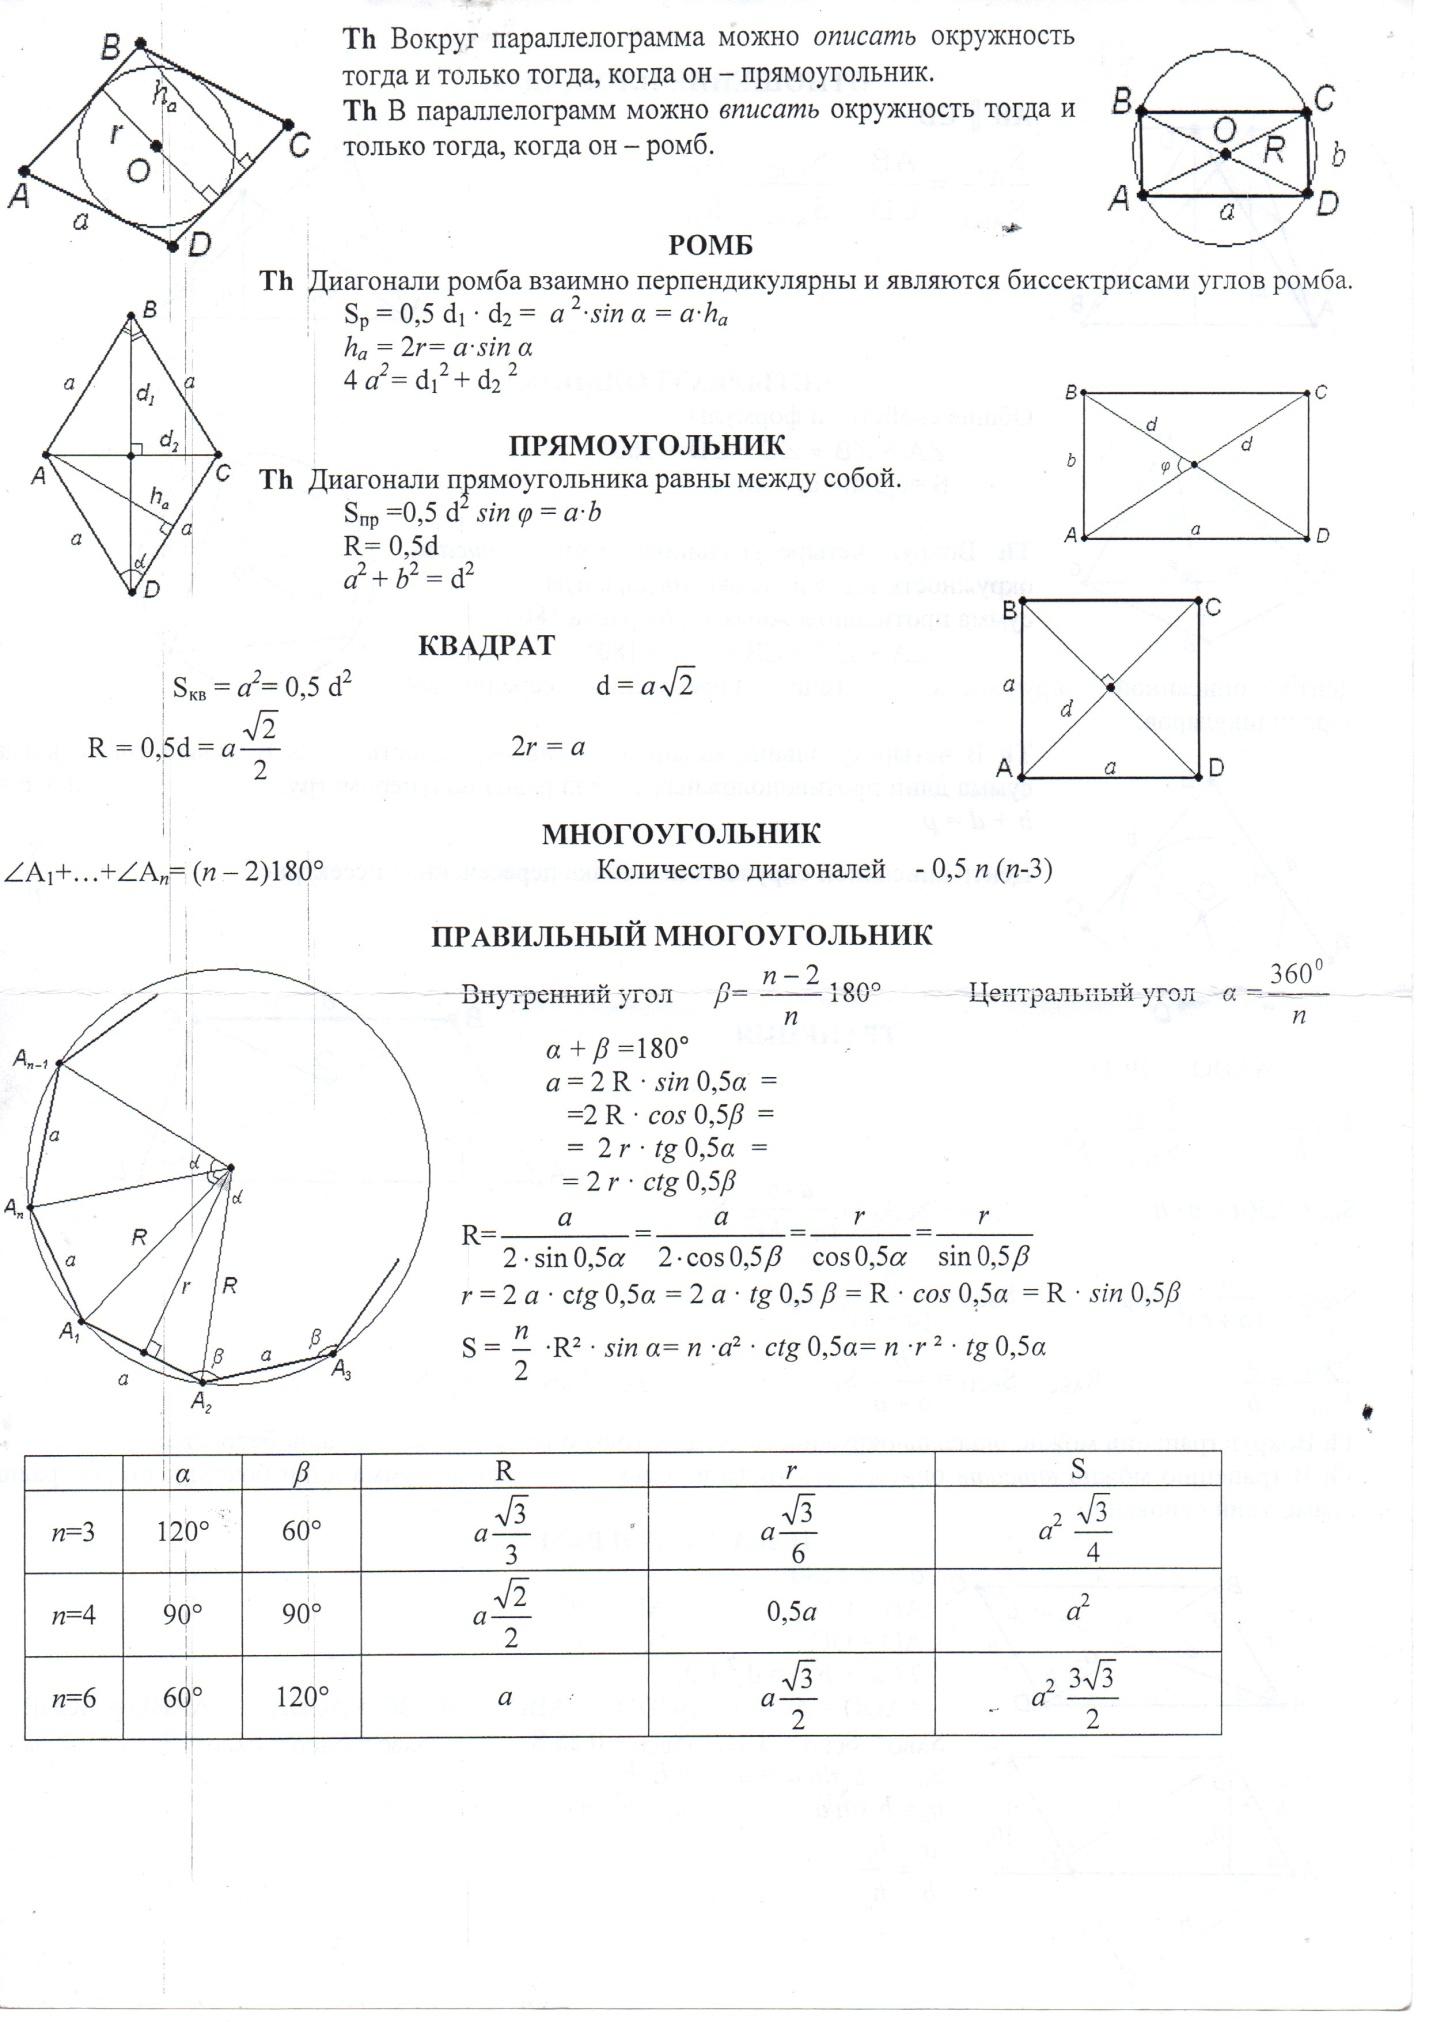 C:\Users\сайлана\Desktop\Справочный материал по математике\img085.jpg